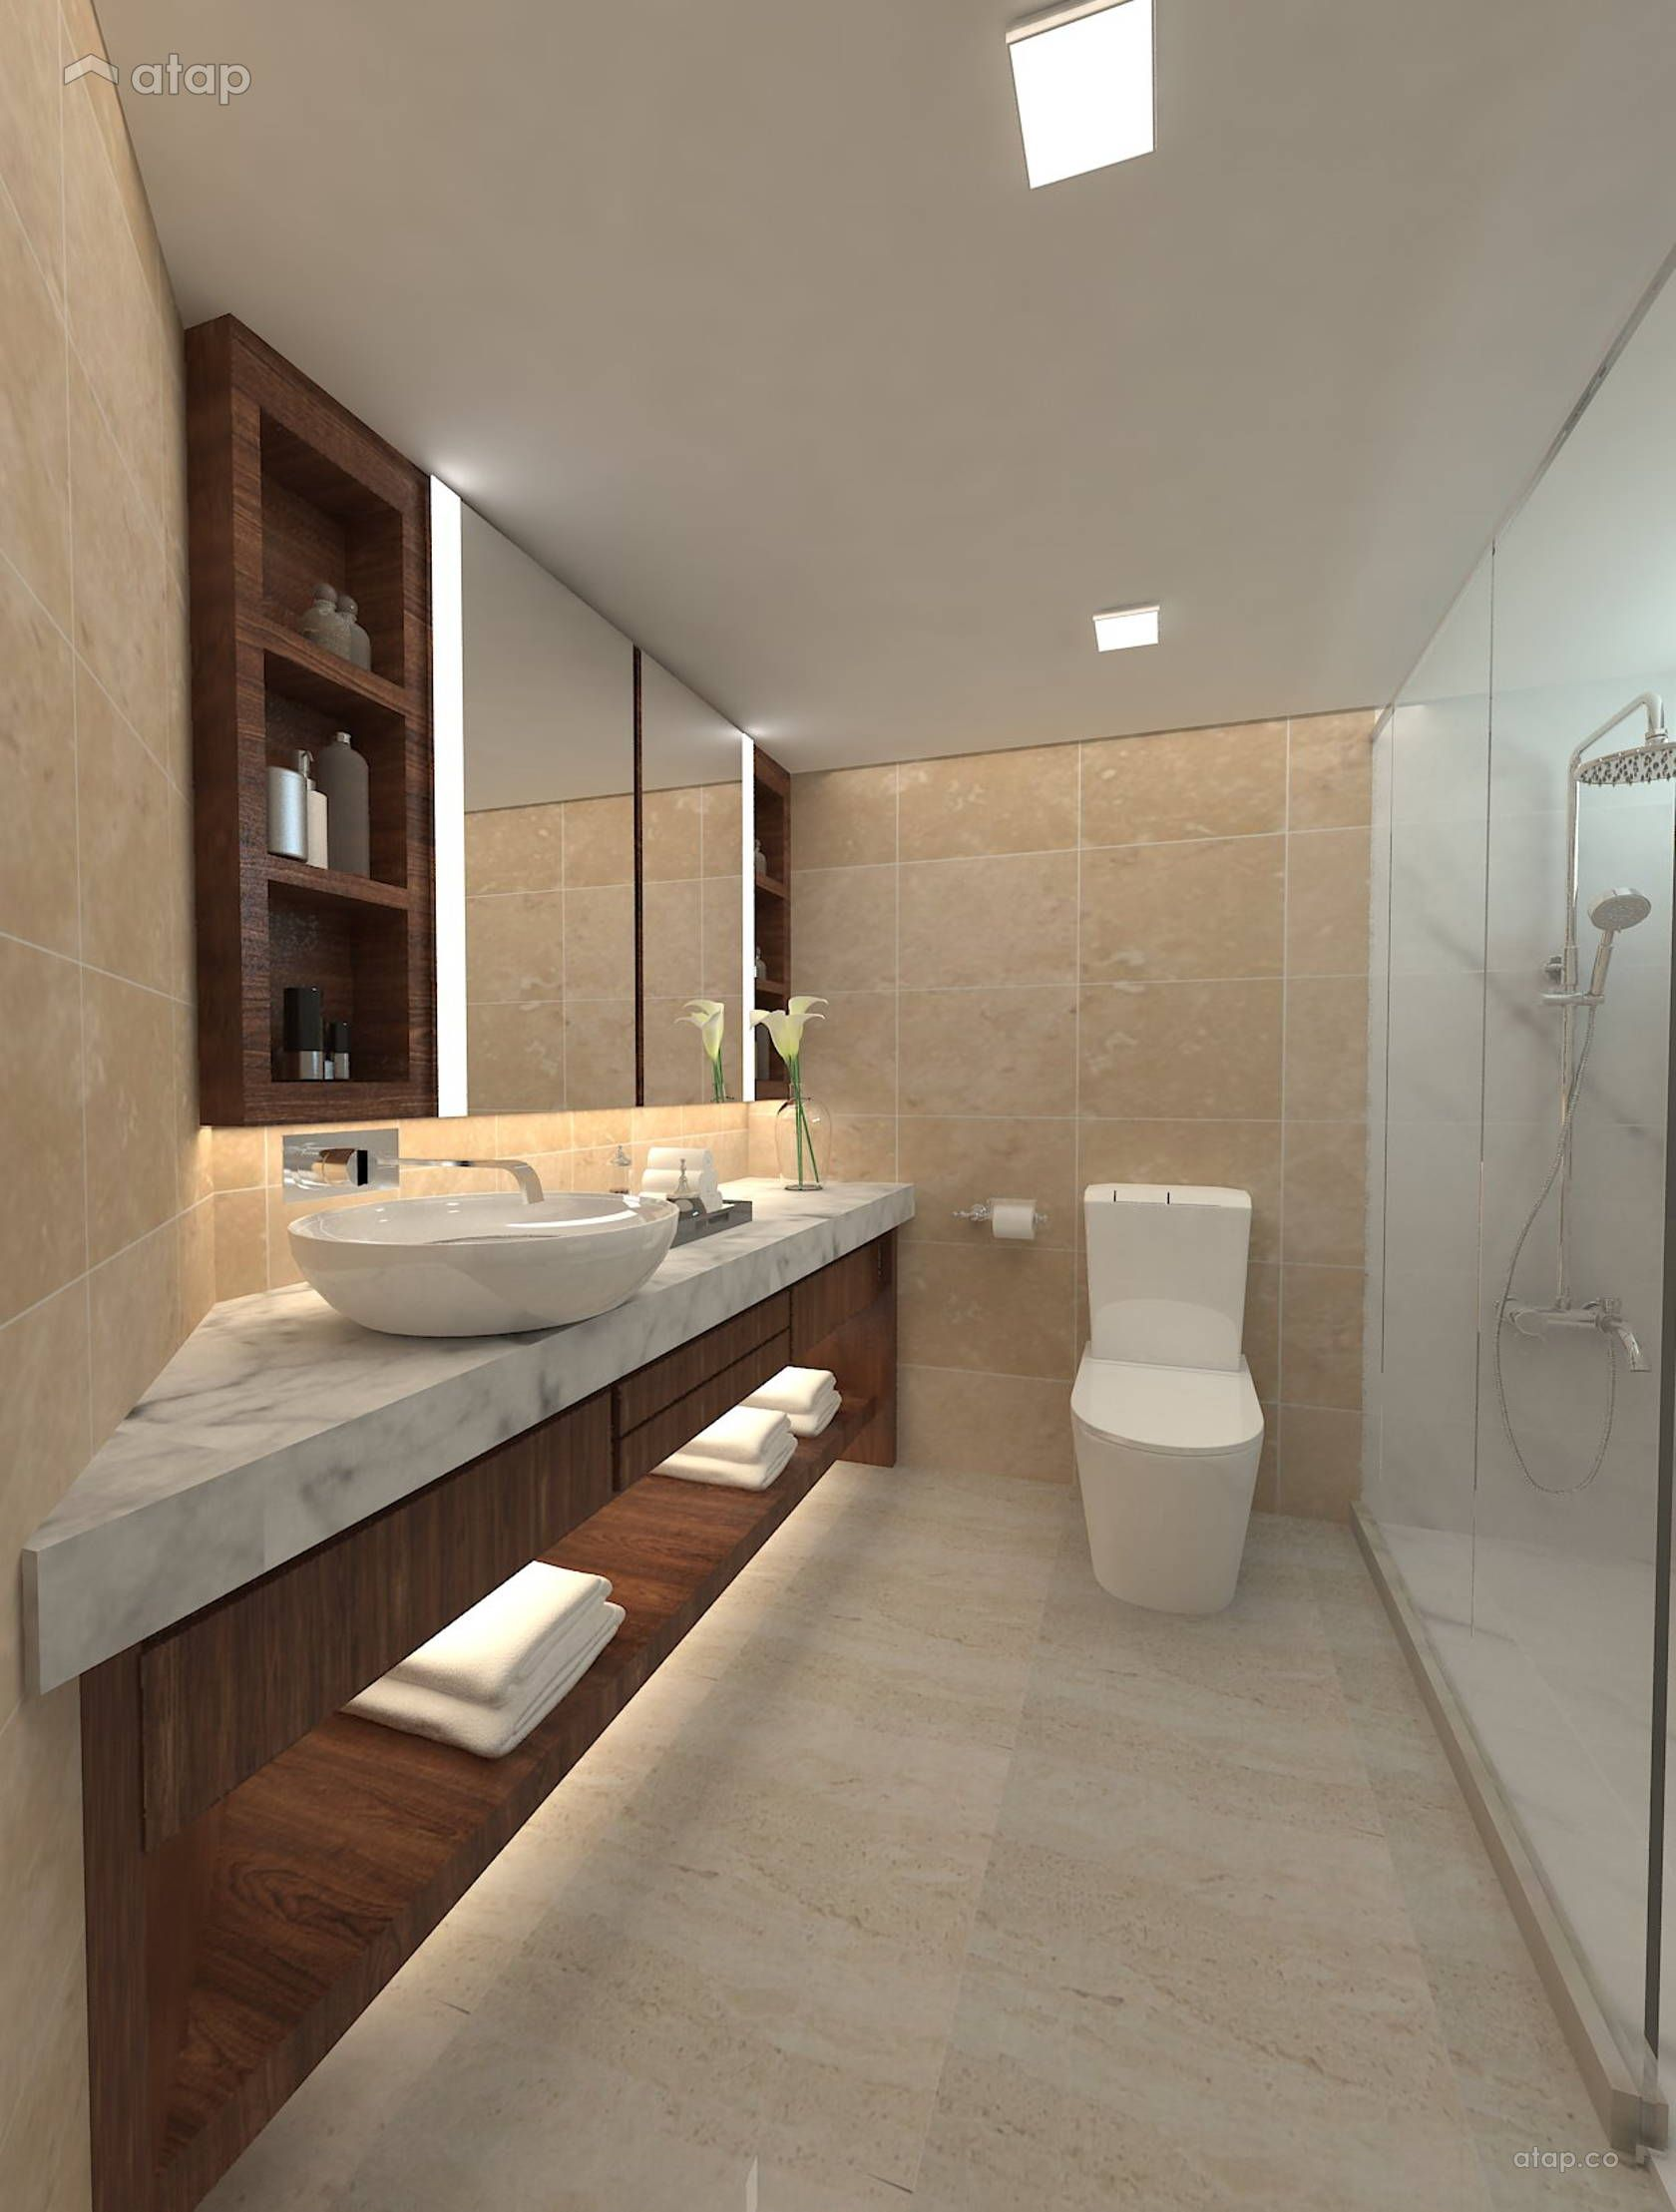 Modern Bathroom Condominium Design Ideas Photos Malaysia Atap Co Condominium Interior Condominium Design Condominium Interior Design